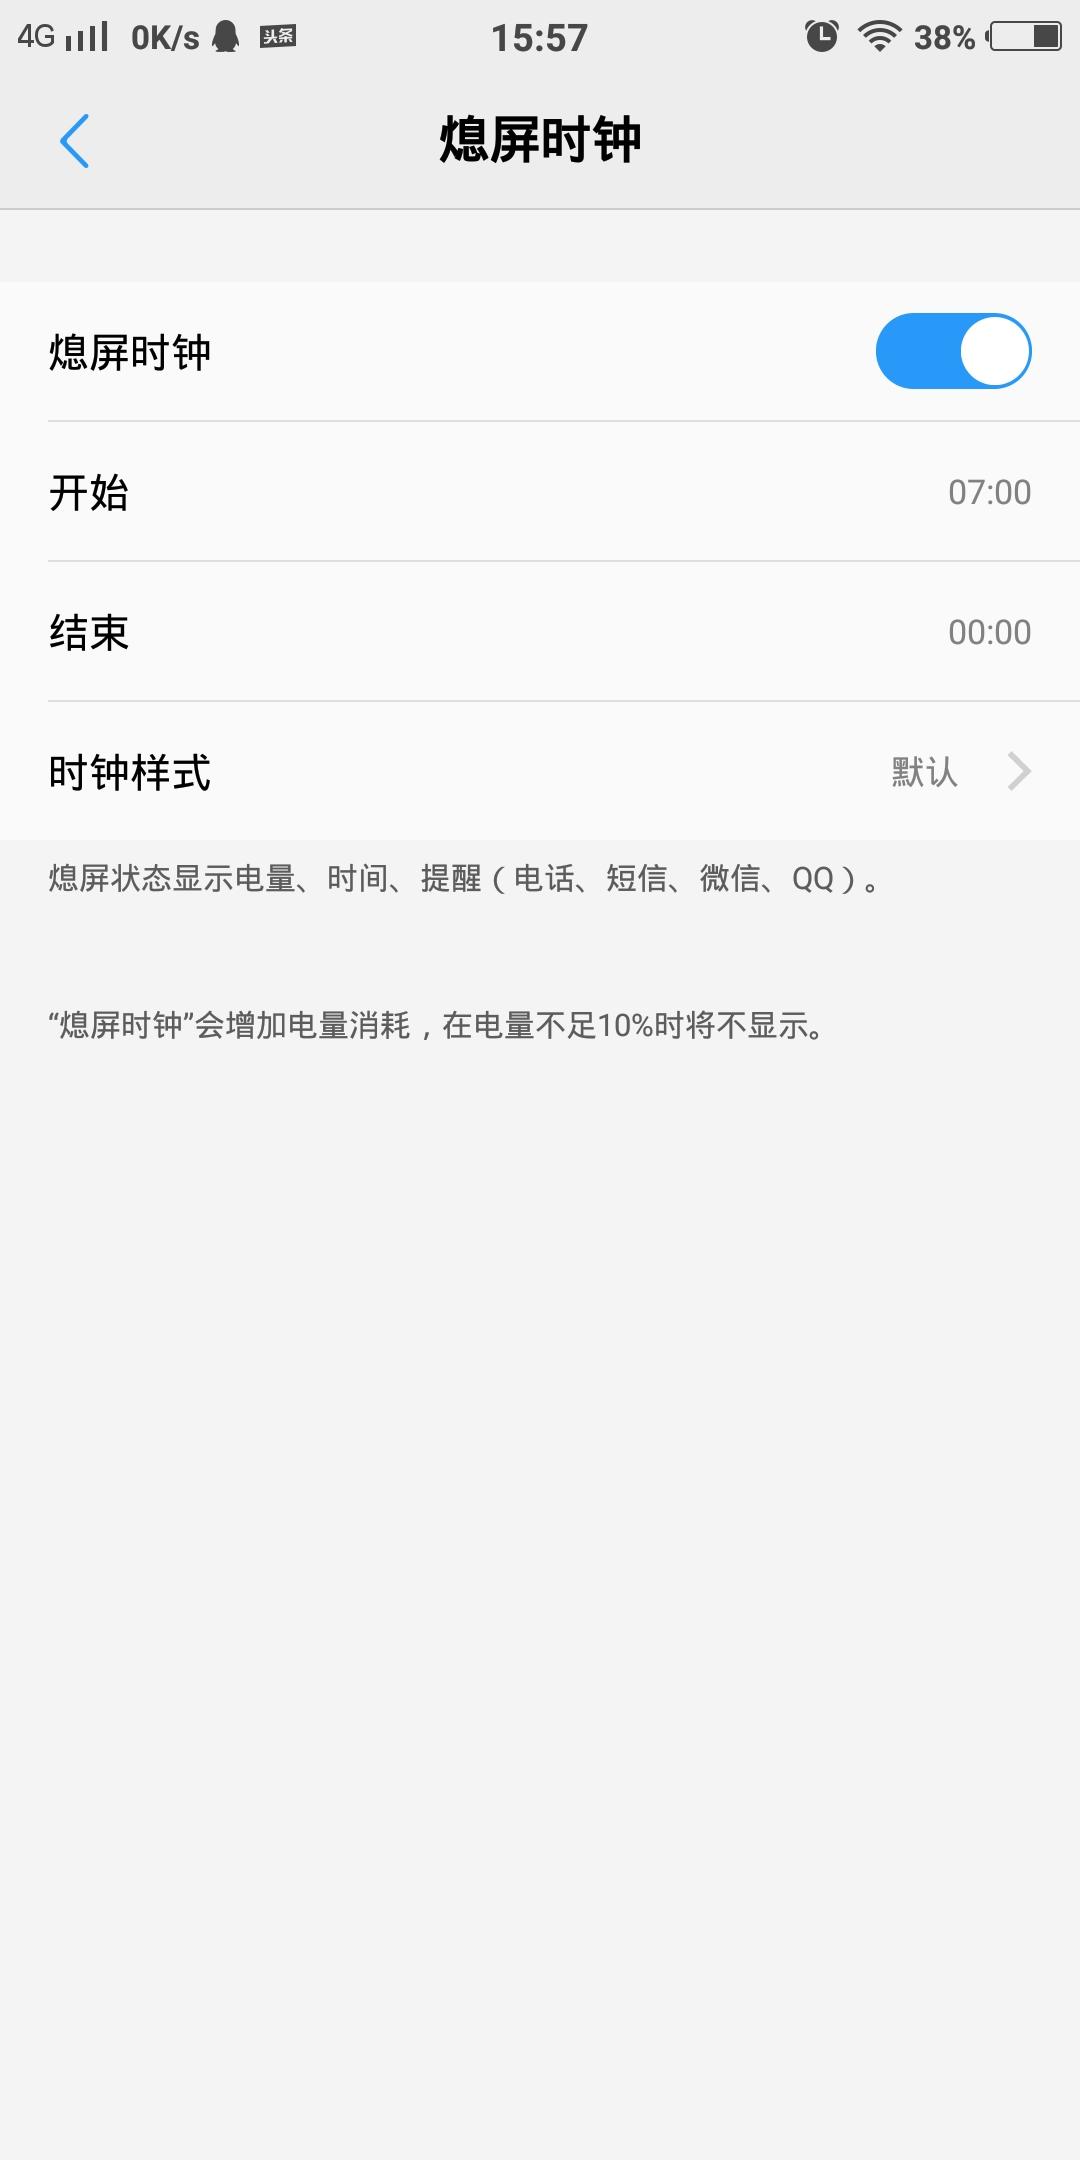 Screenshot_20180105_155724.jpg